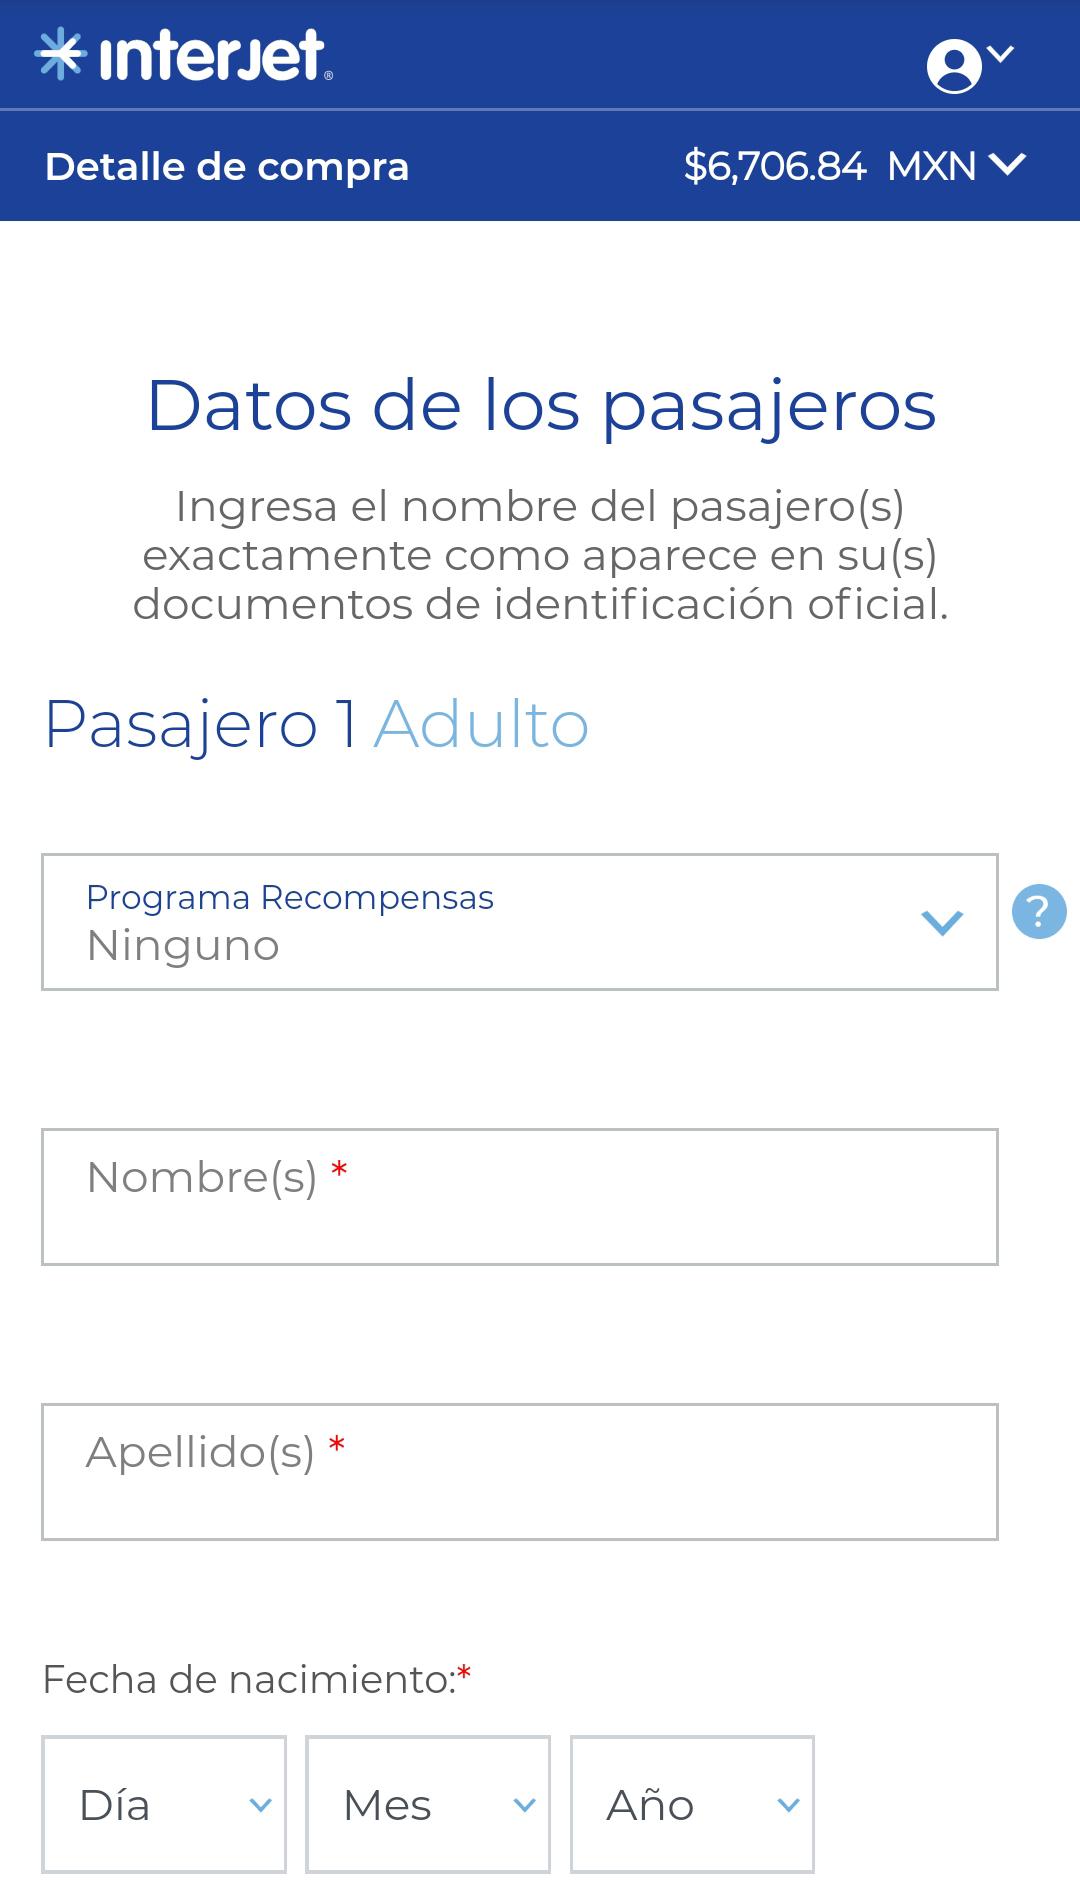 Datos para comprar en Interjet